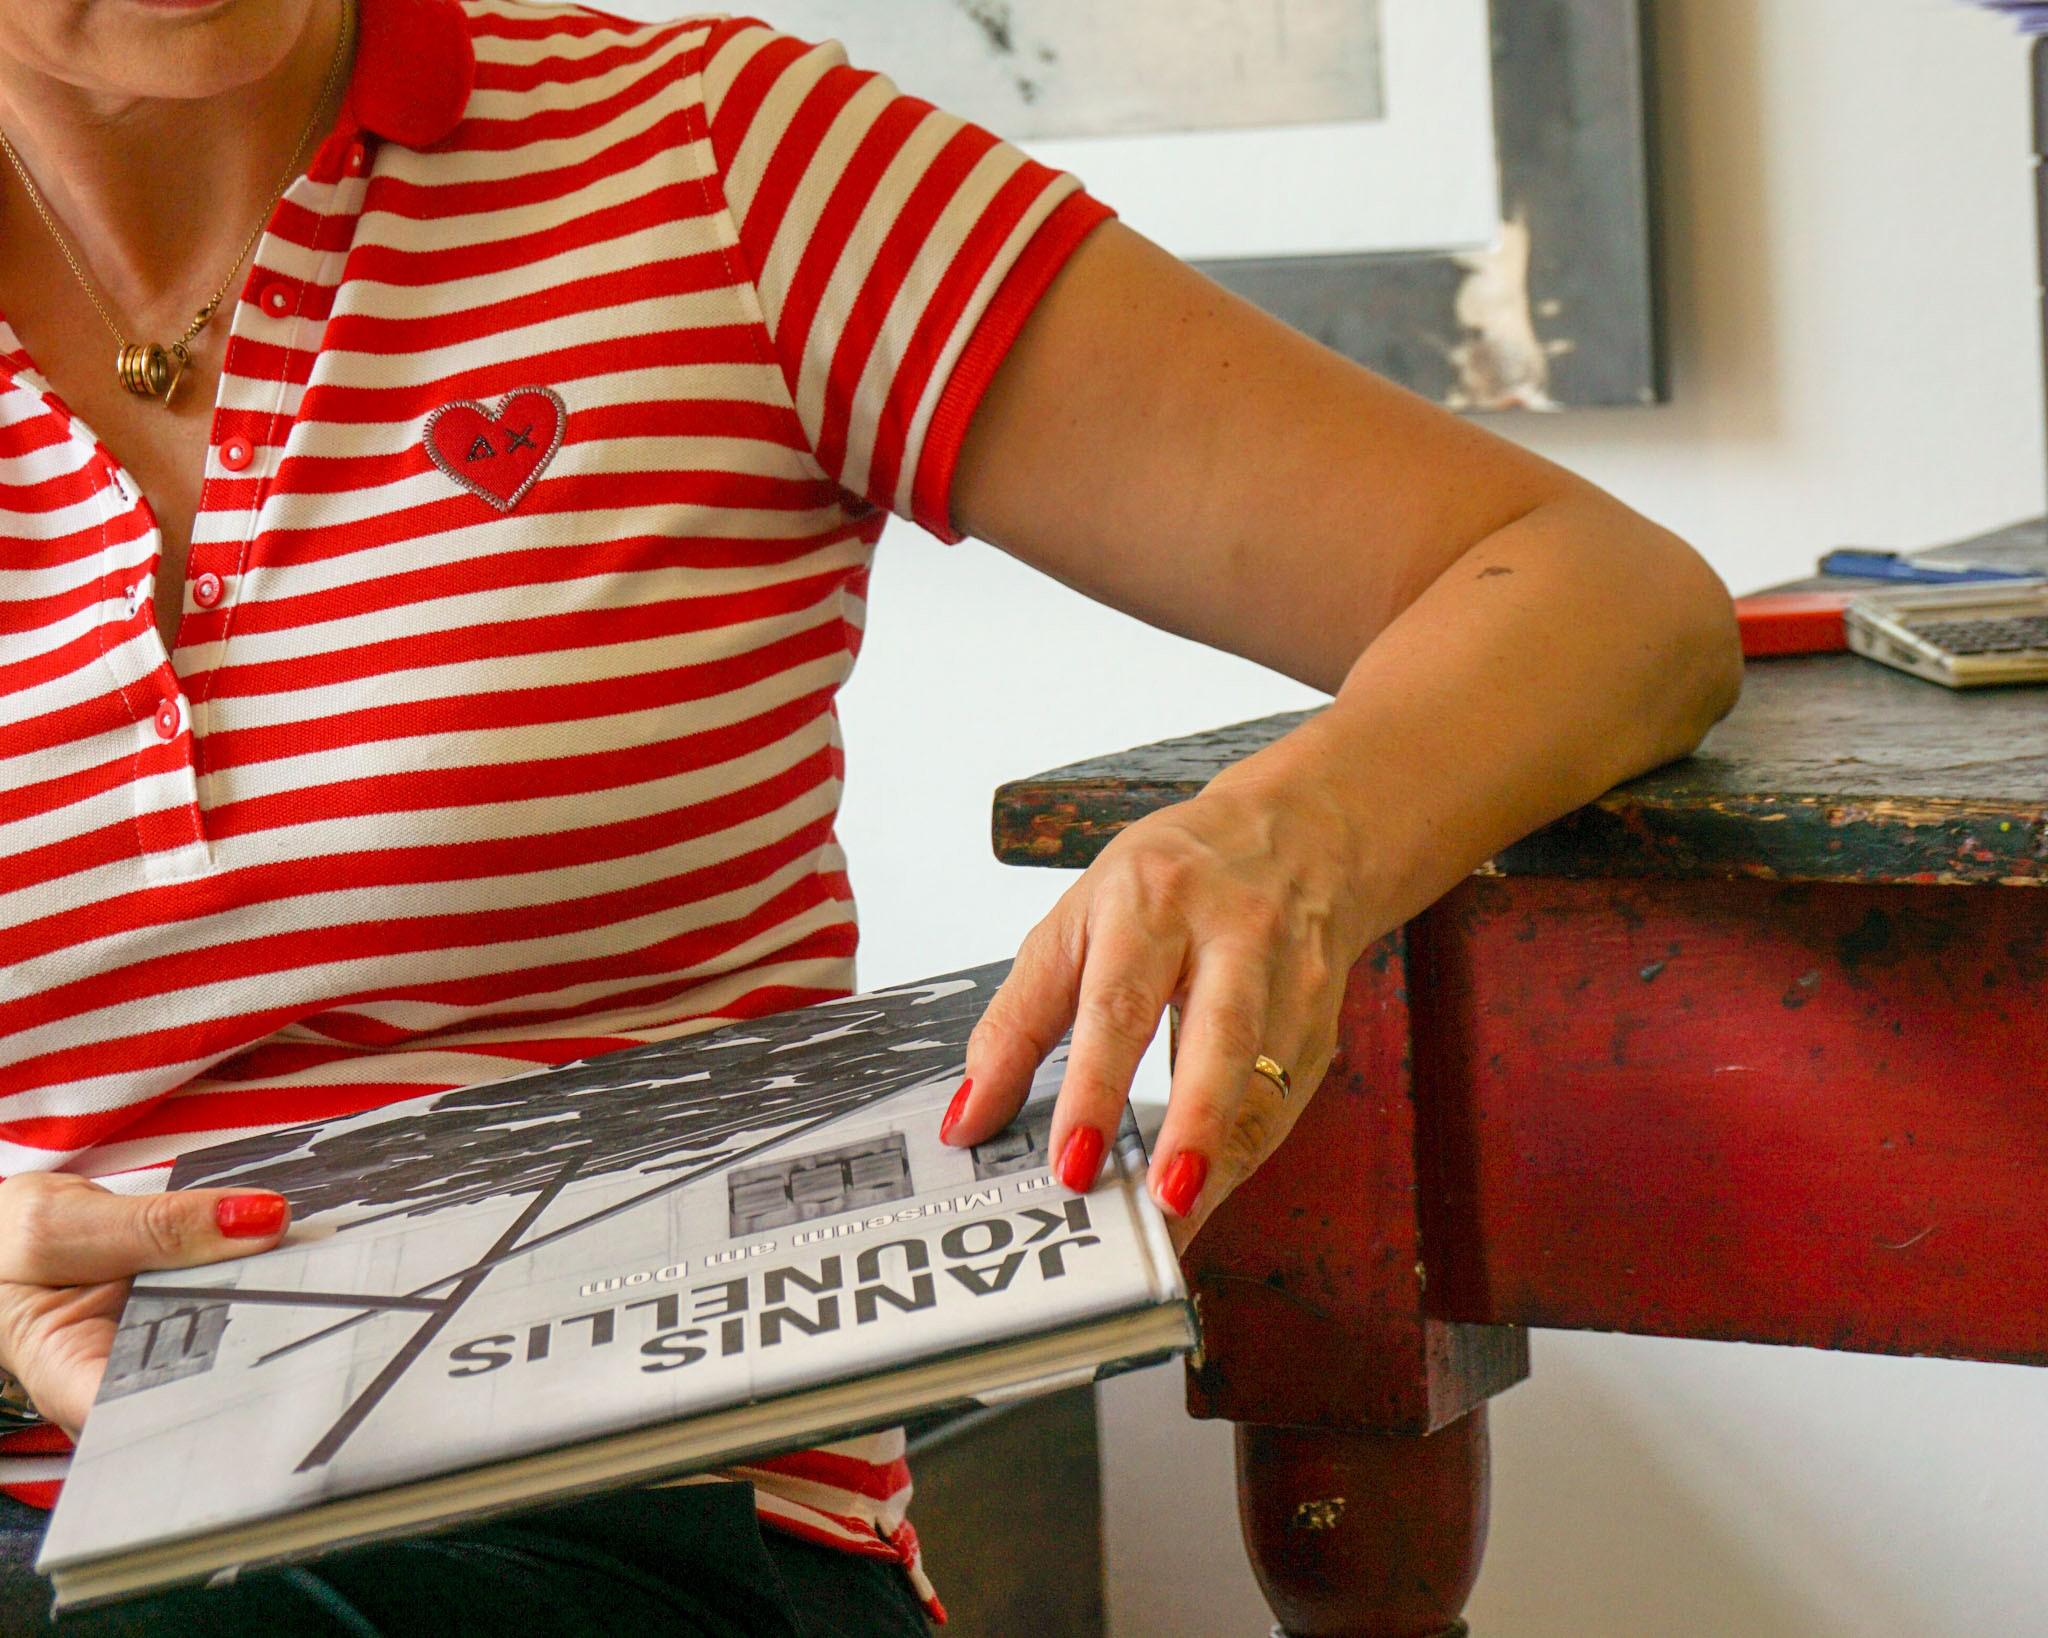 Corrado Albicocco e la sua pressa d'epoca danno vita a incisioni su lastre, mondi colorati e in bianco e nero, per esposizioni e mostre d'autore